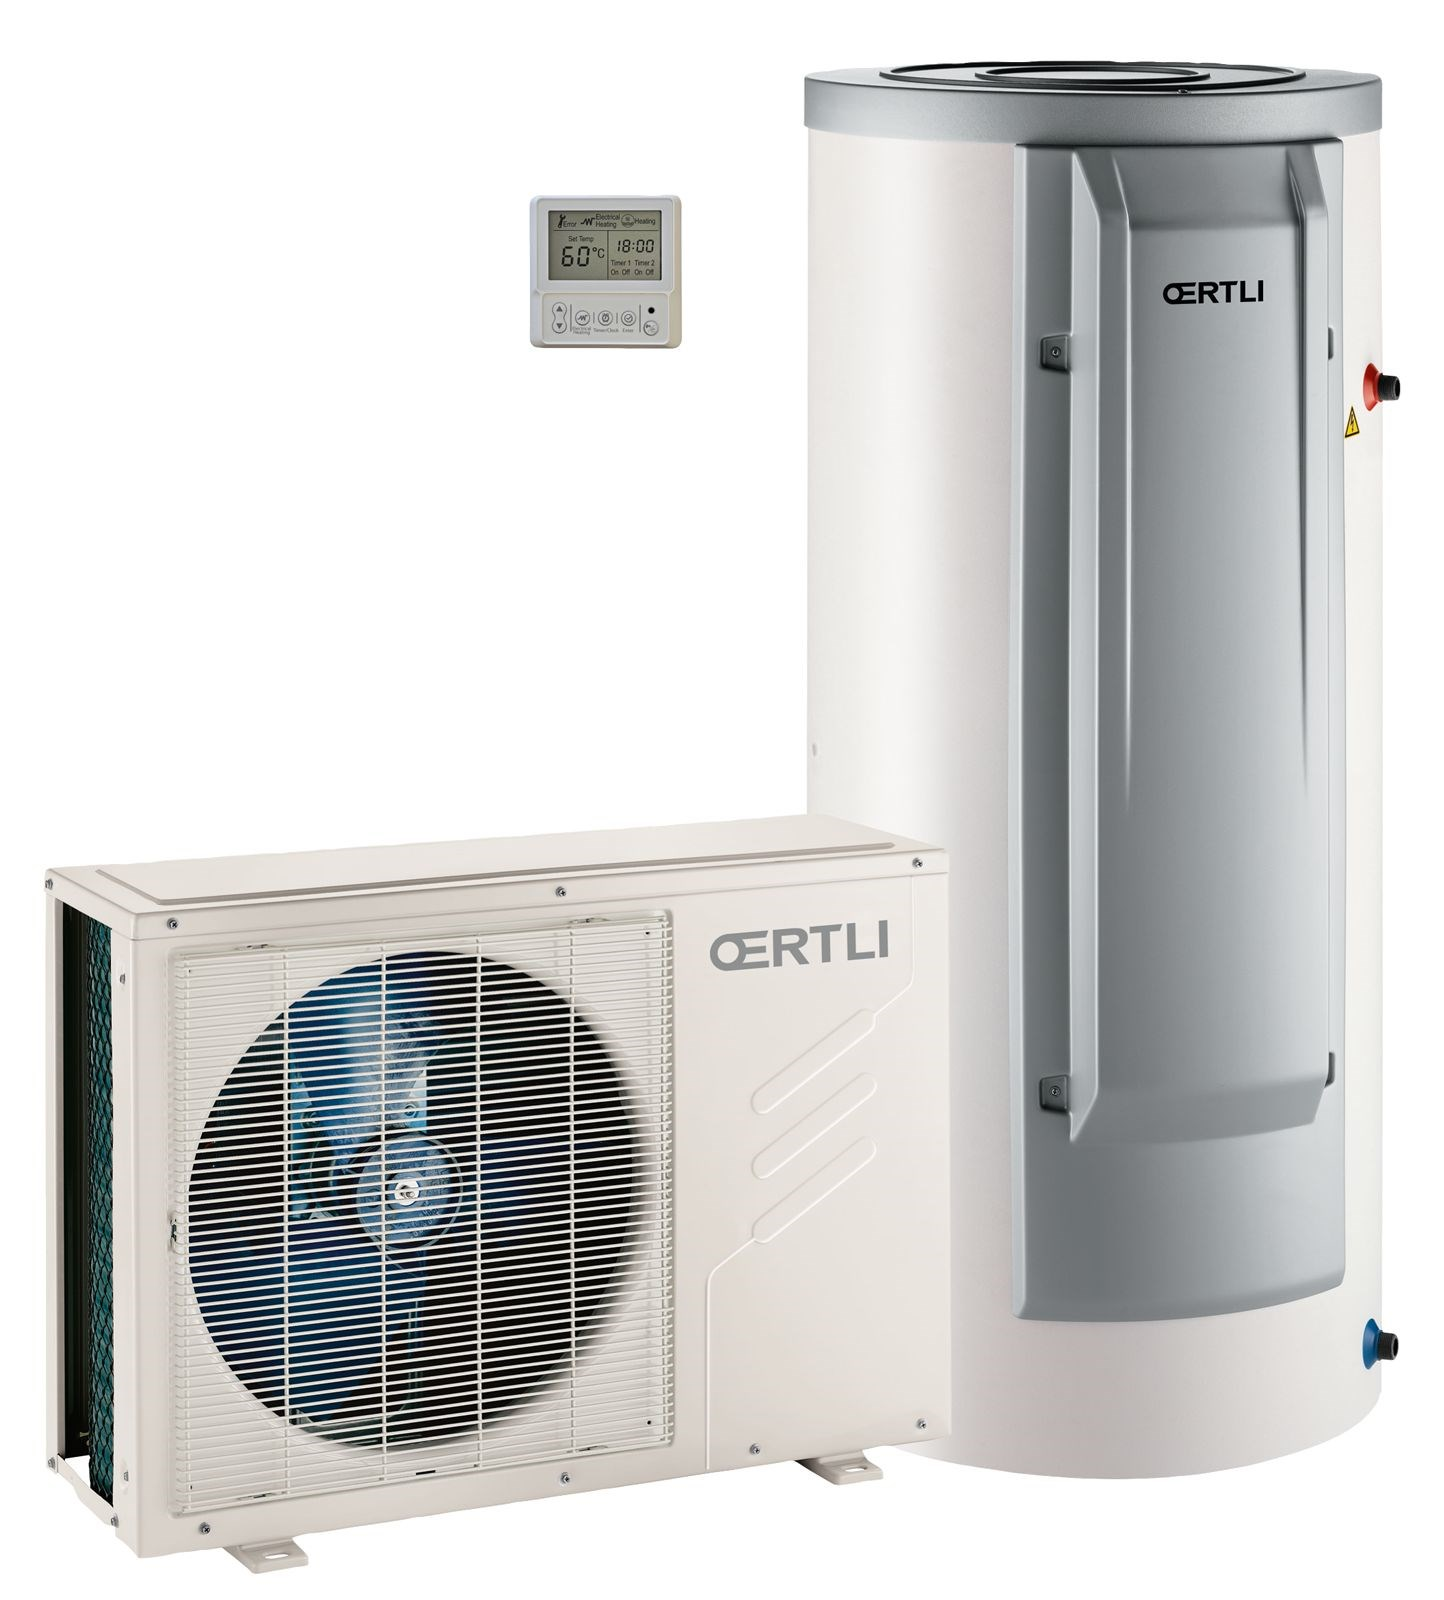 Thermodynamique guide d 39 achat - Puissance chauffe eau thermodynamique ...